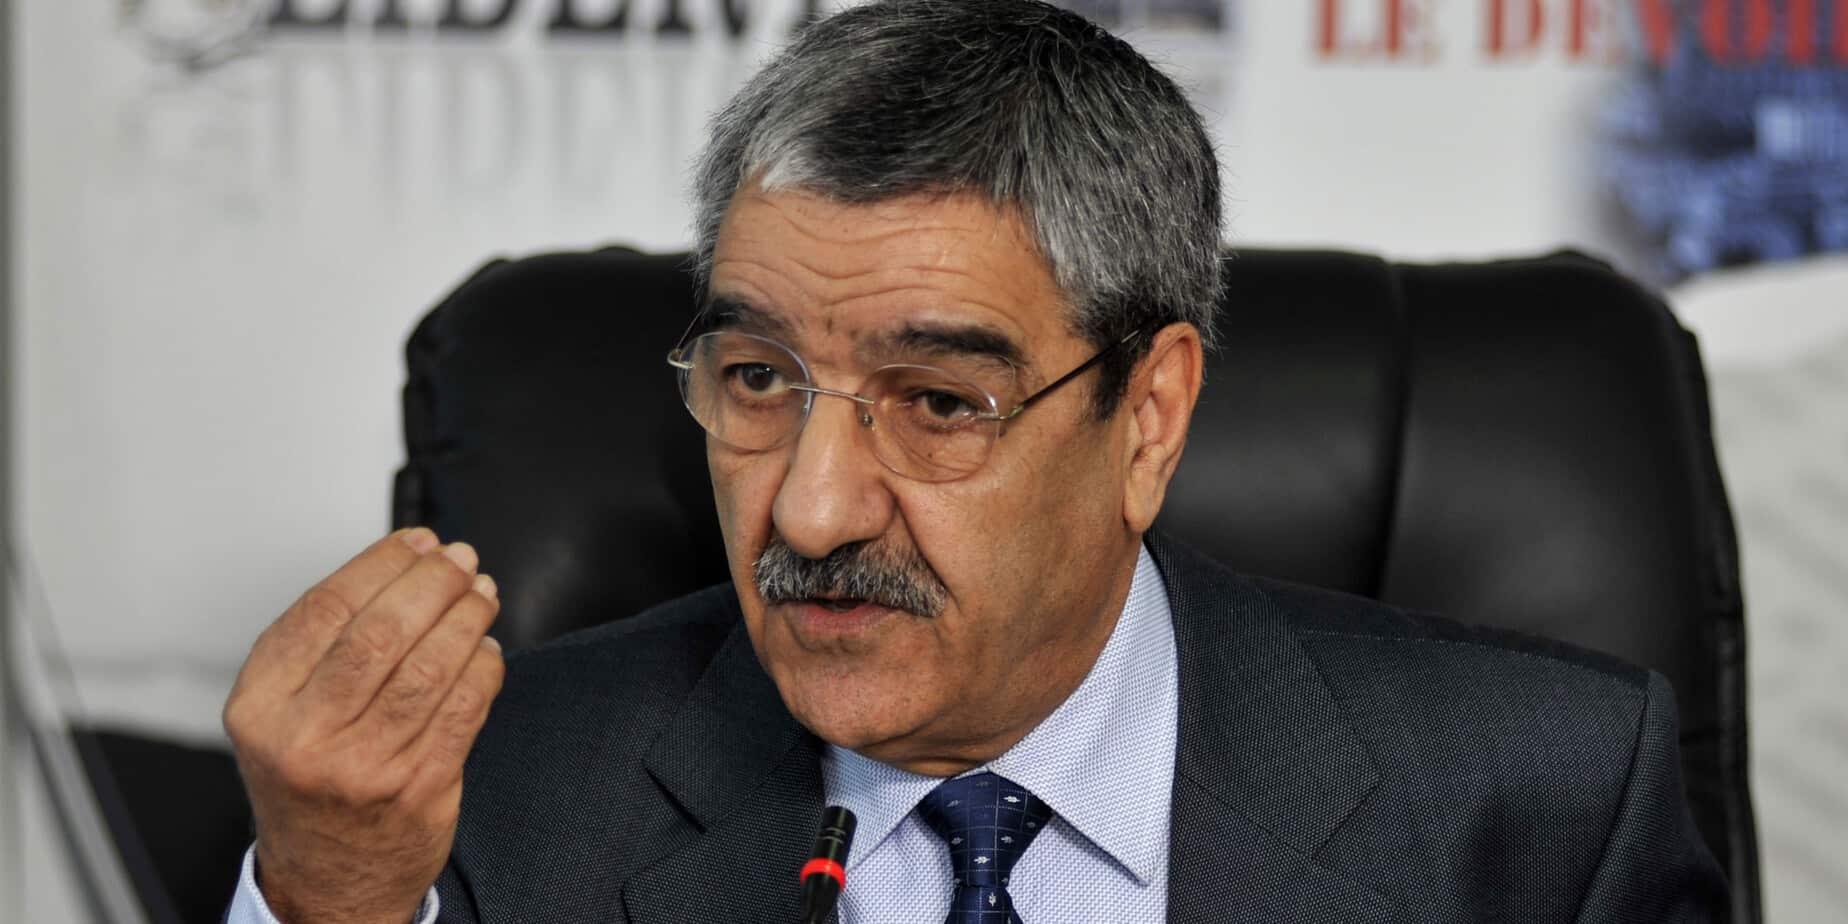 سعيد سعدي: الجزائر تتعامل مع الملف الفلسطيني بشعبوية وحماس هي عدو الفلسطينيين الأول